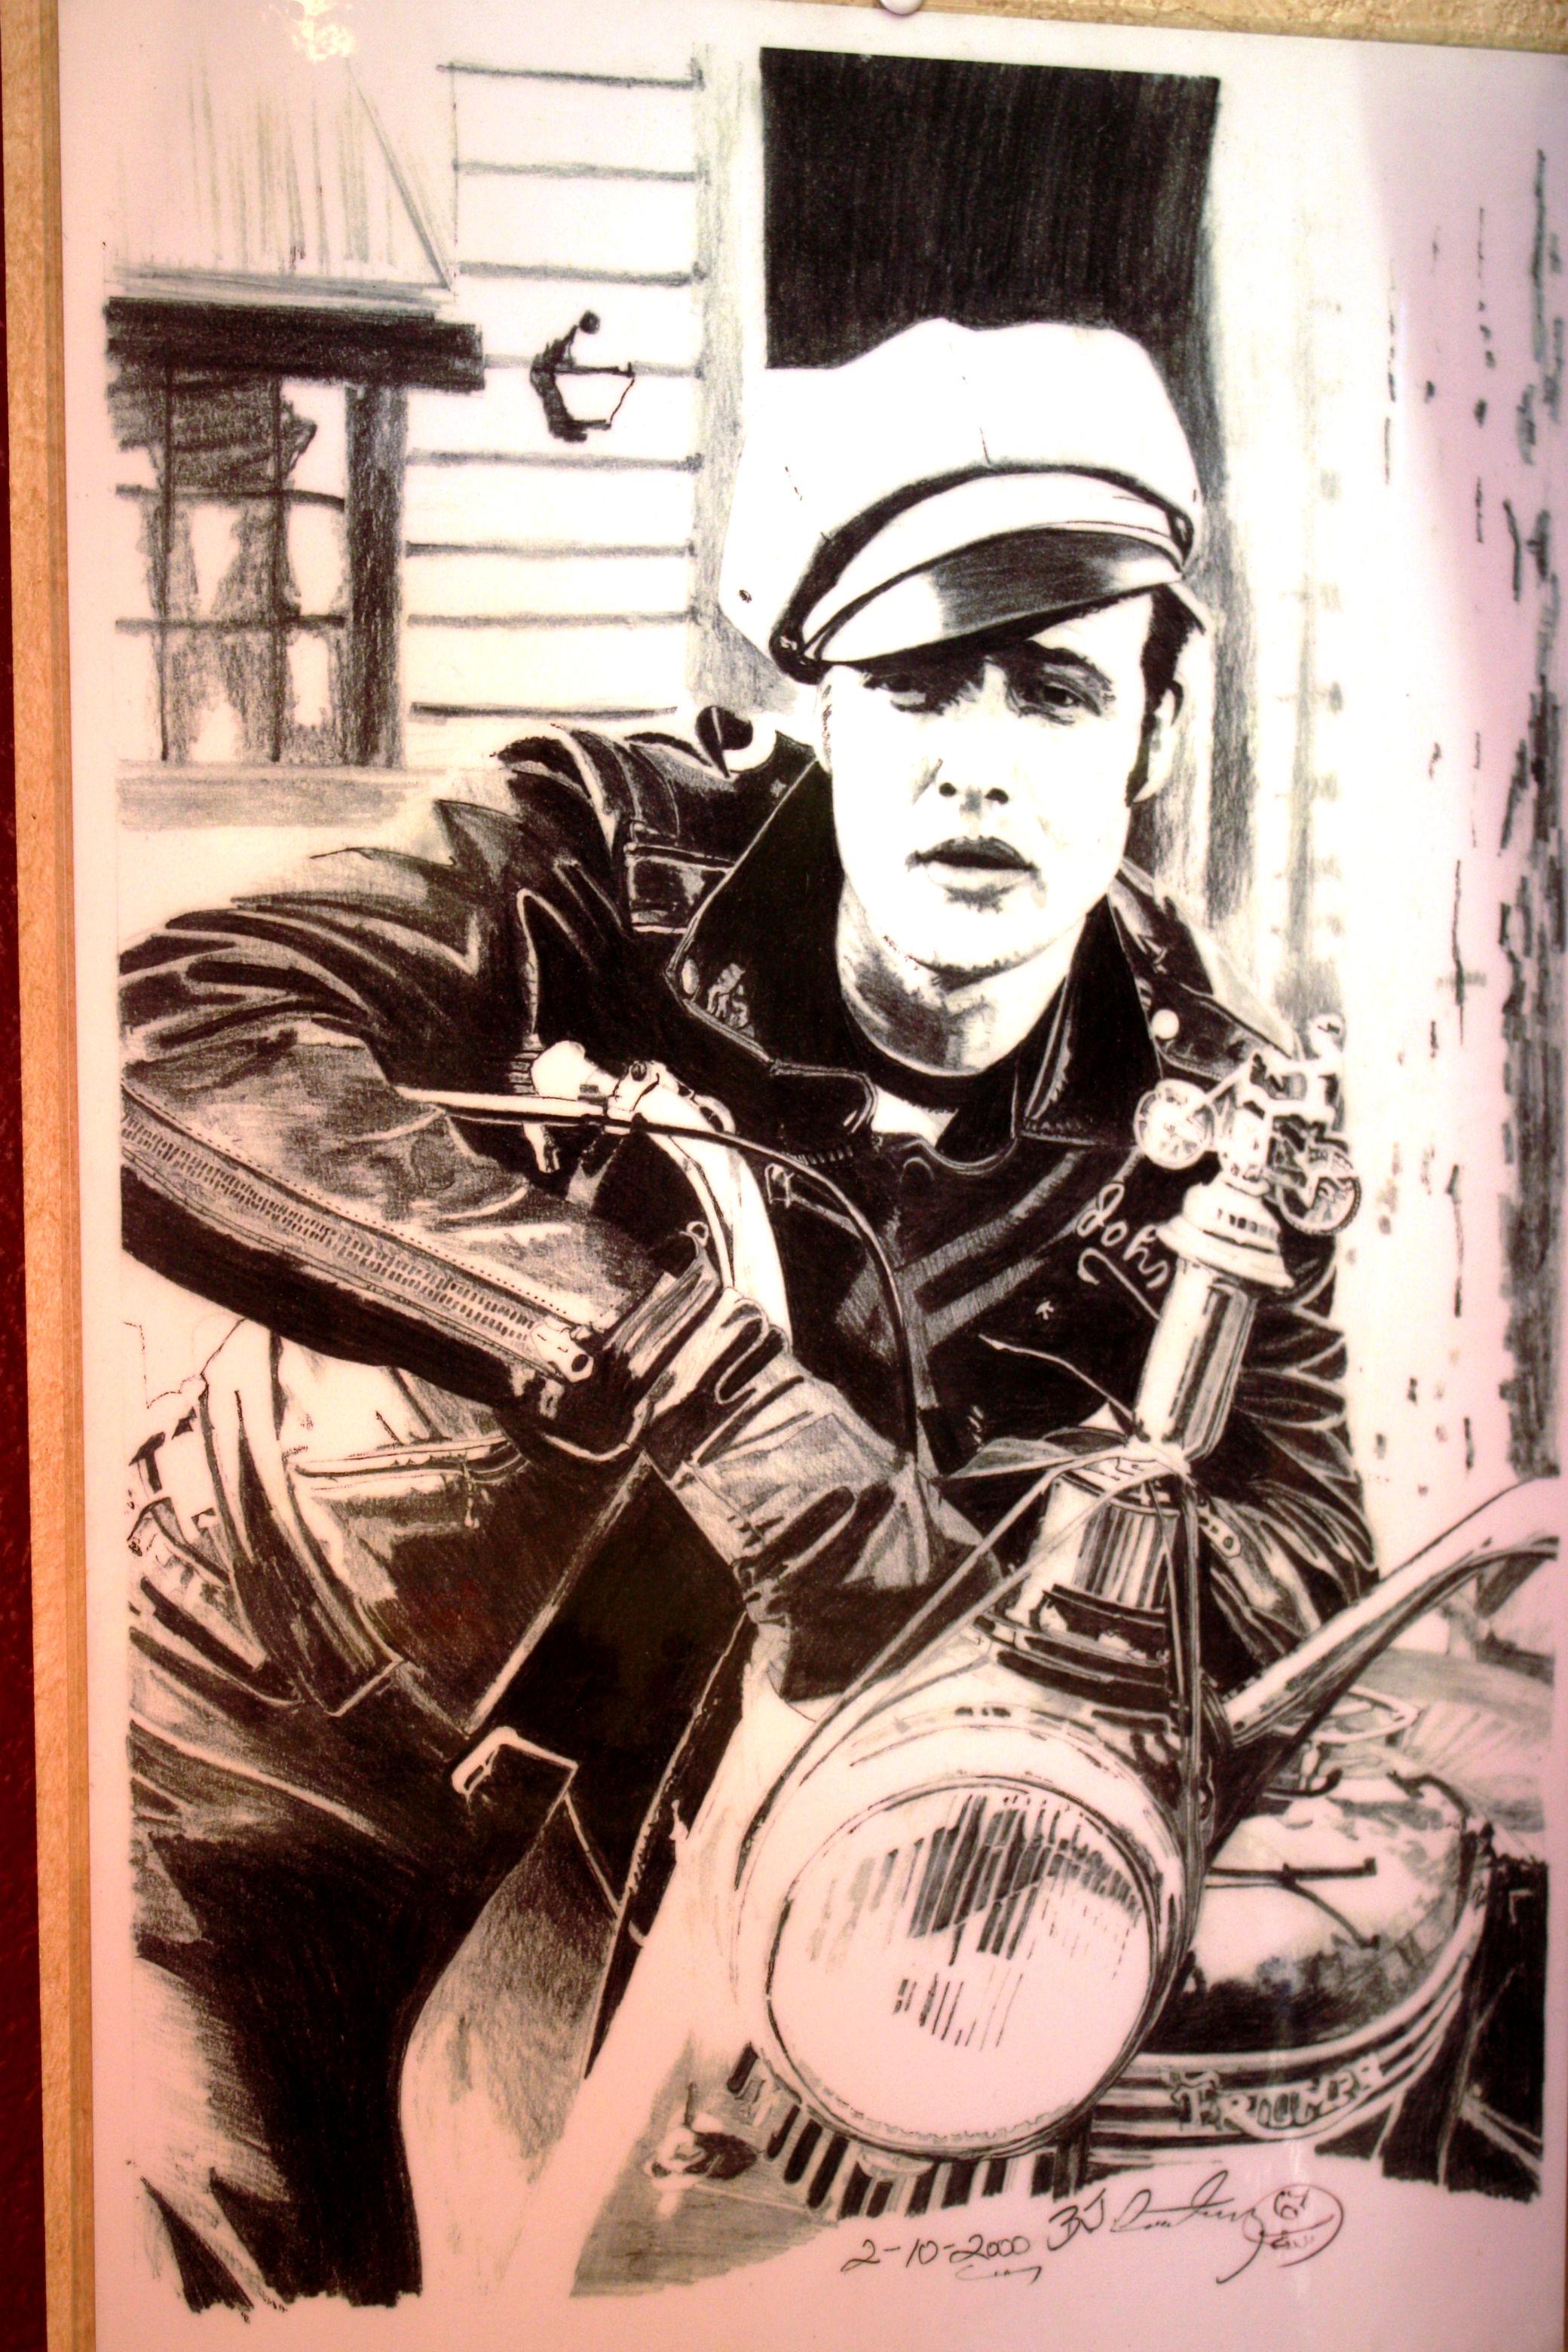 ART29 BRANDO